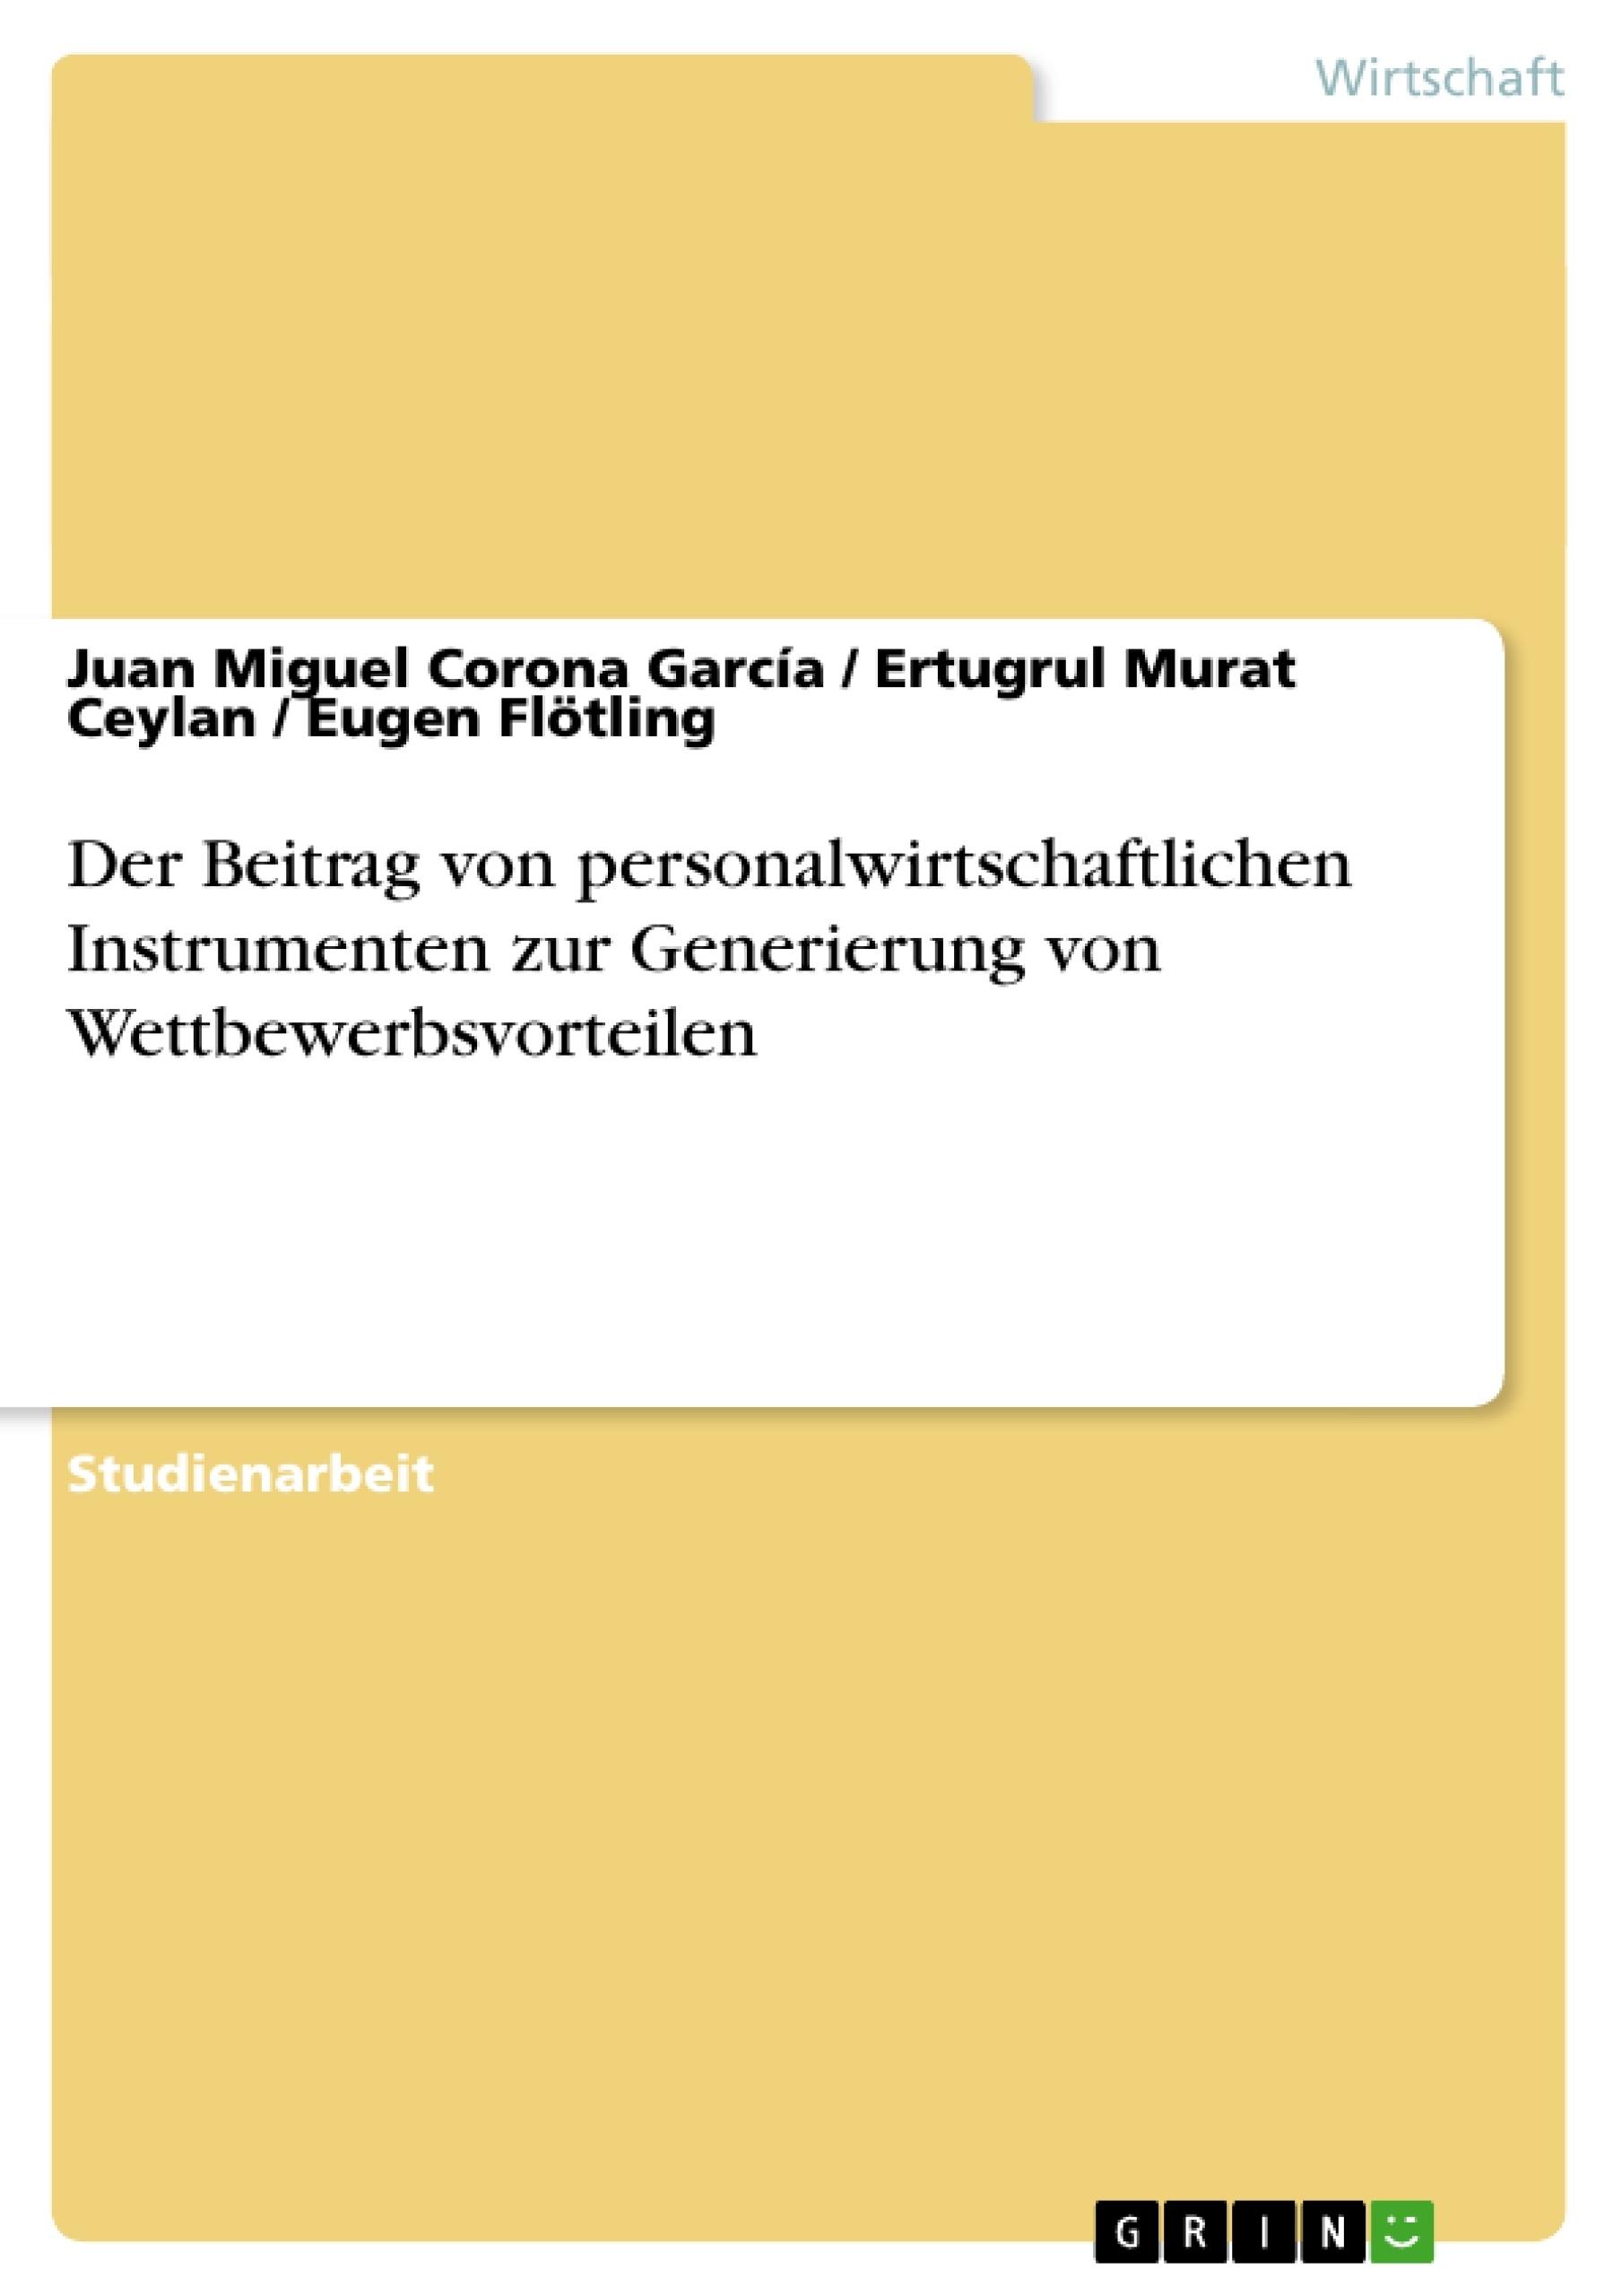 Titel: Der Beitrag von personalwirtschaftlichen Instrumenten zur Generierung von Wettbewerbsvorteilen